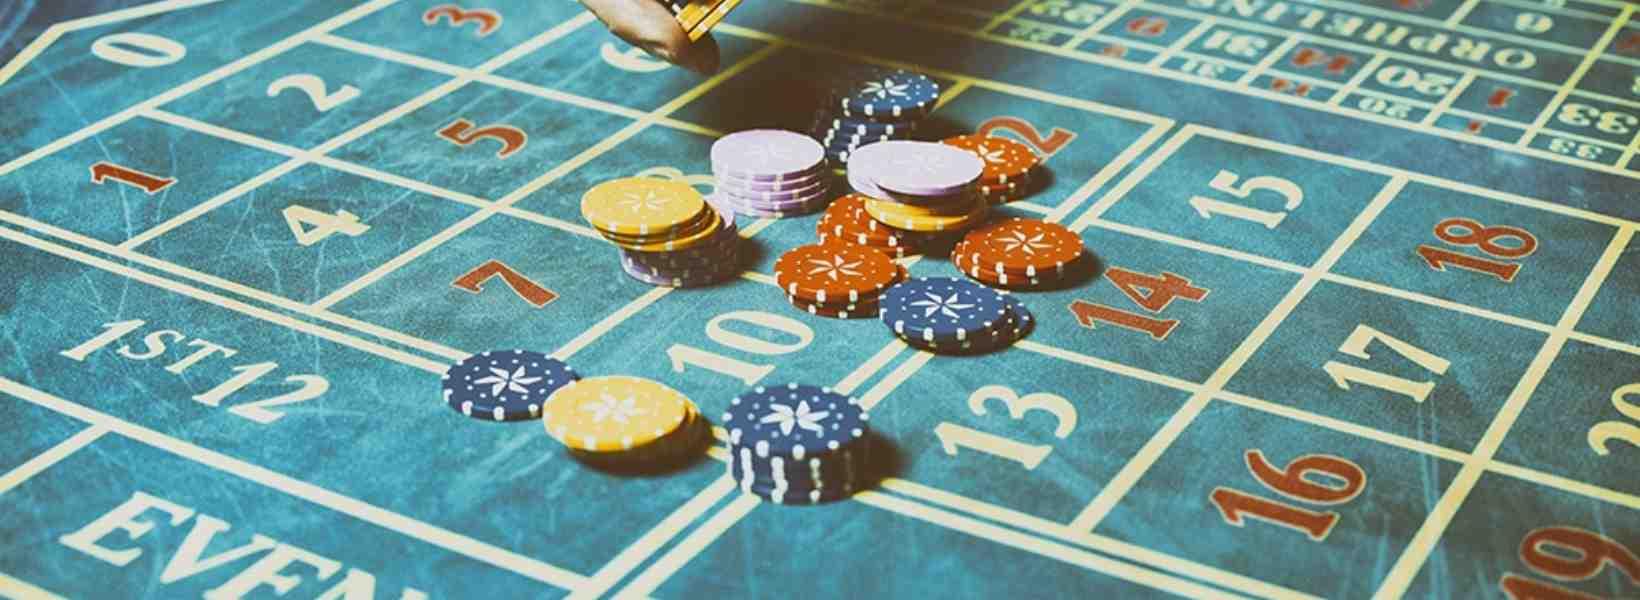 norocul afecteaza jocul cu bani